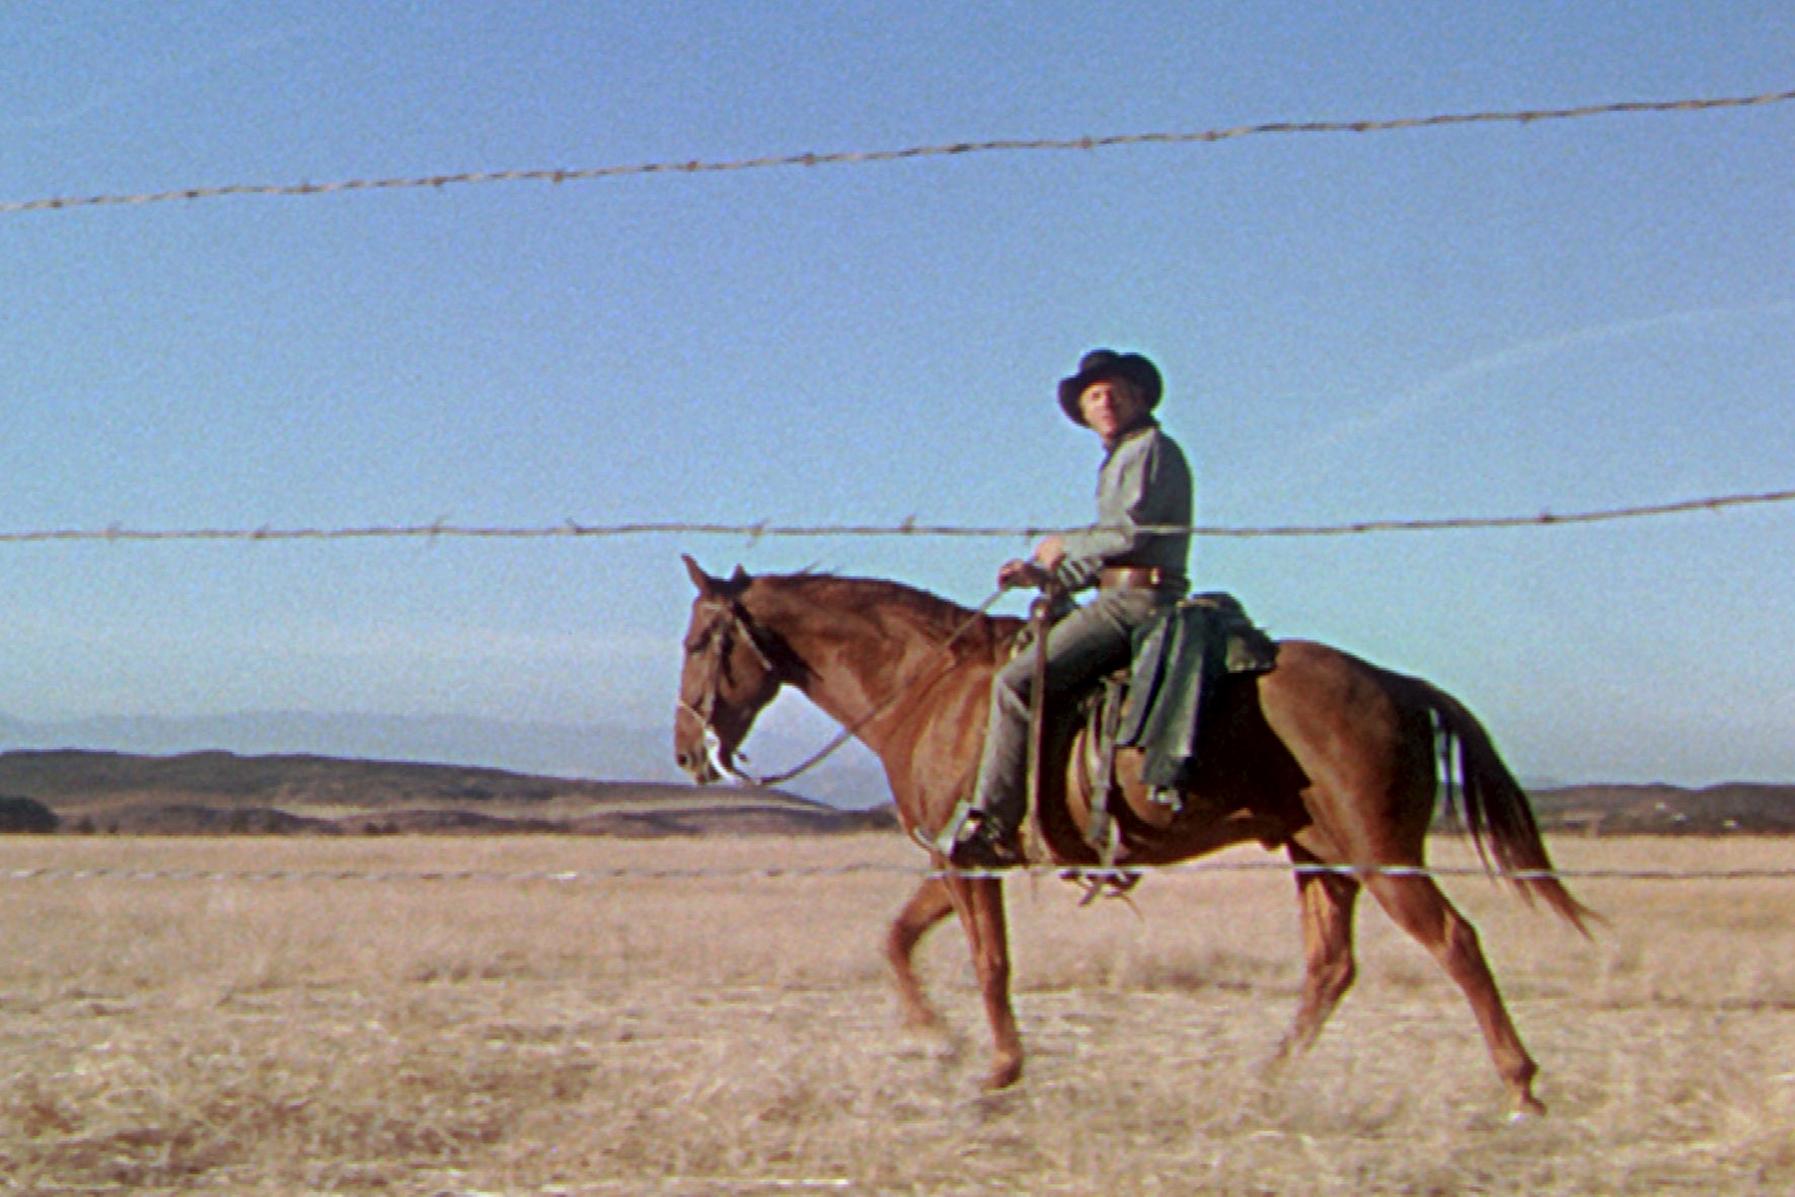 Zur ARTE-Sendung Kirk Douglas Mit stahlharter Faust 2: Der Cowboy Dempsey Rae (Kirk Douglas) liebt die Freiheit und hasst Stacheldraht. Aber um den letzten Rest Freiheit zu verteidigen, muss er zu eben diesem greifen.